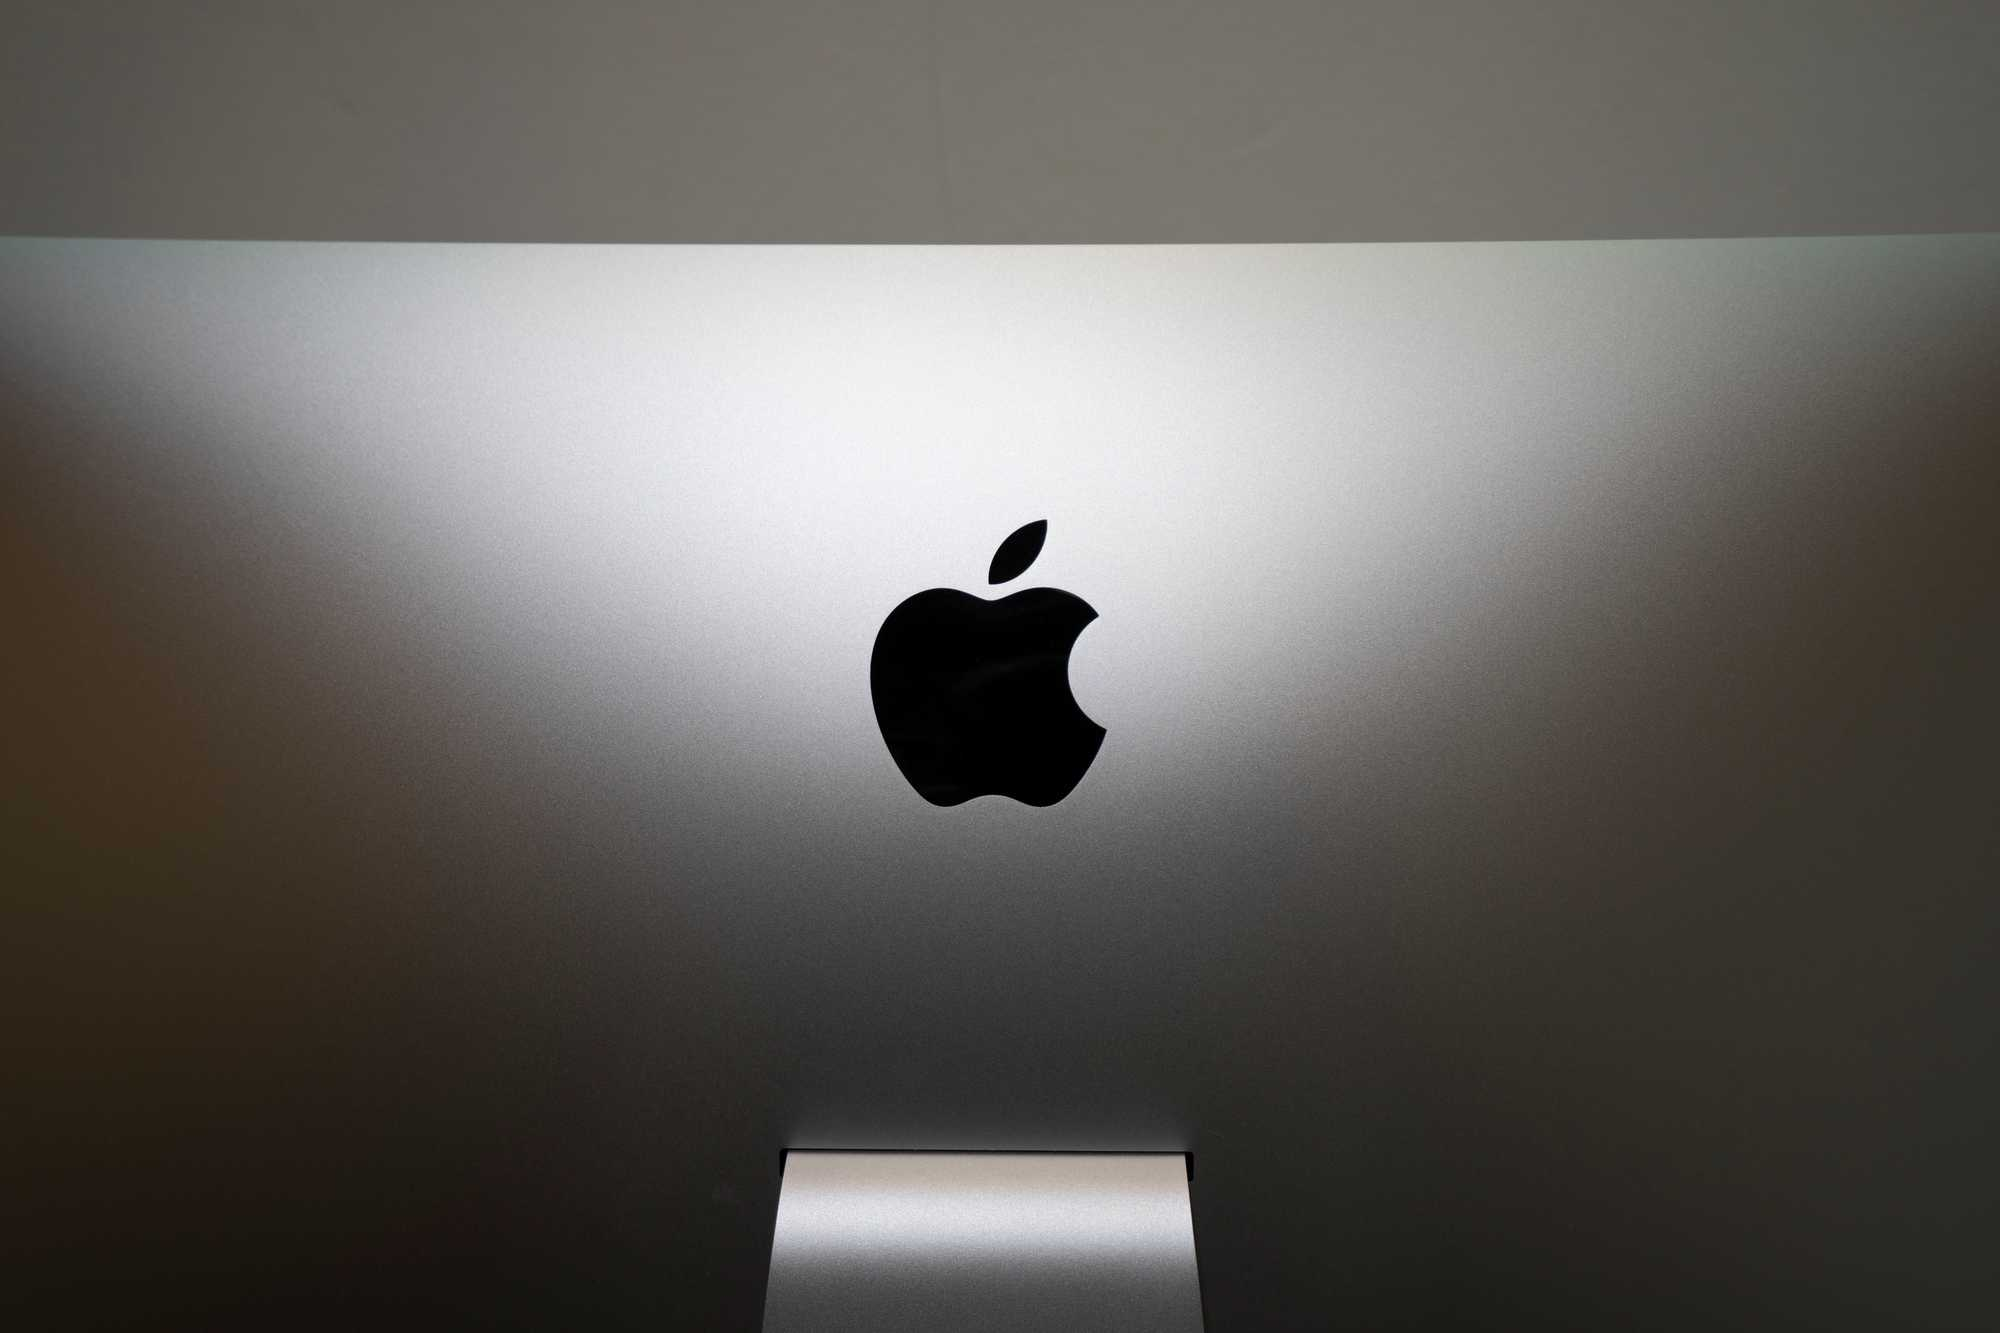 iMac 27-inch 2019